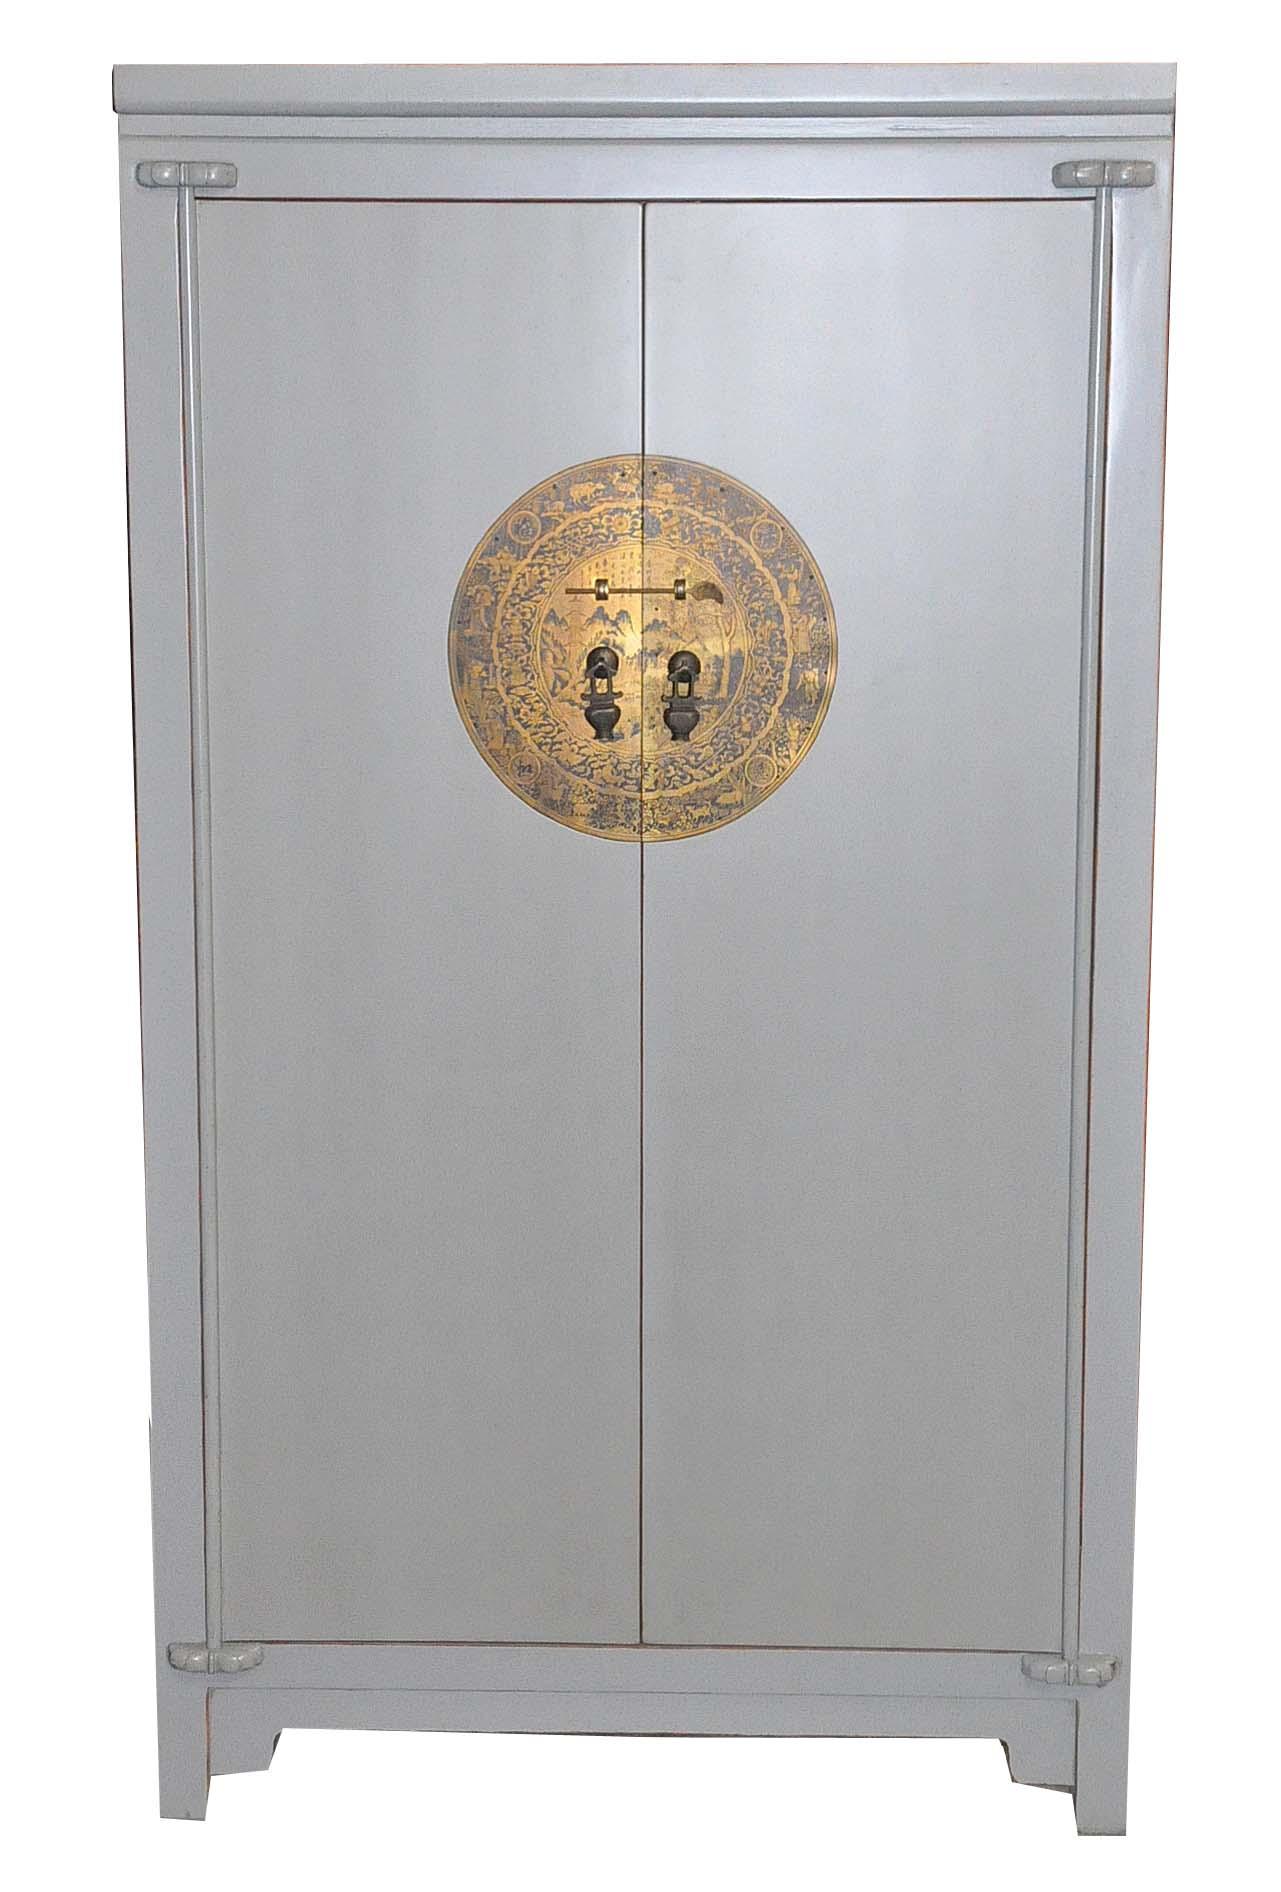 Merveilleux flute a champagne maison du monde 9 19me32 armoire de mariage chinois demeure et - Flute champagne maison du monde ...